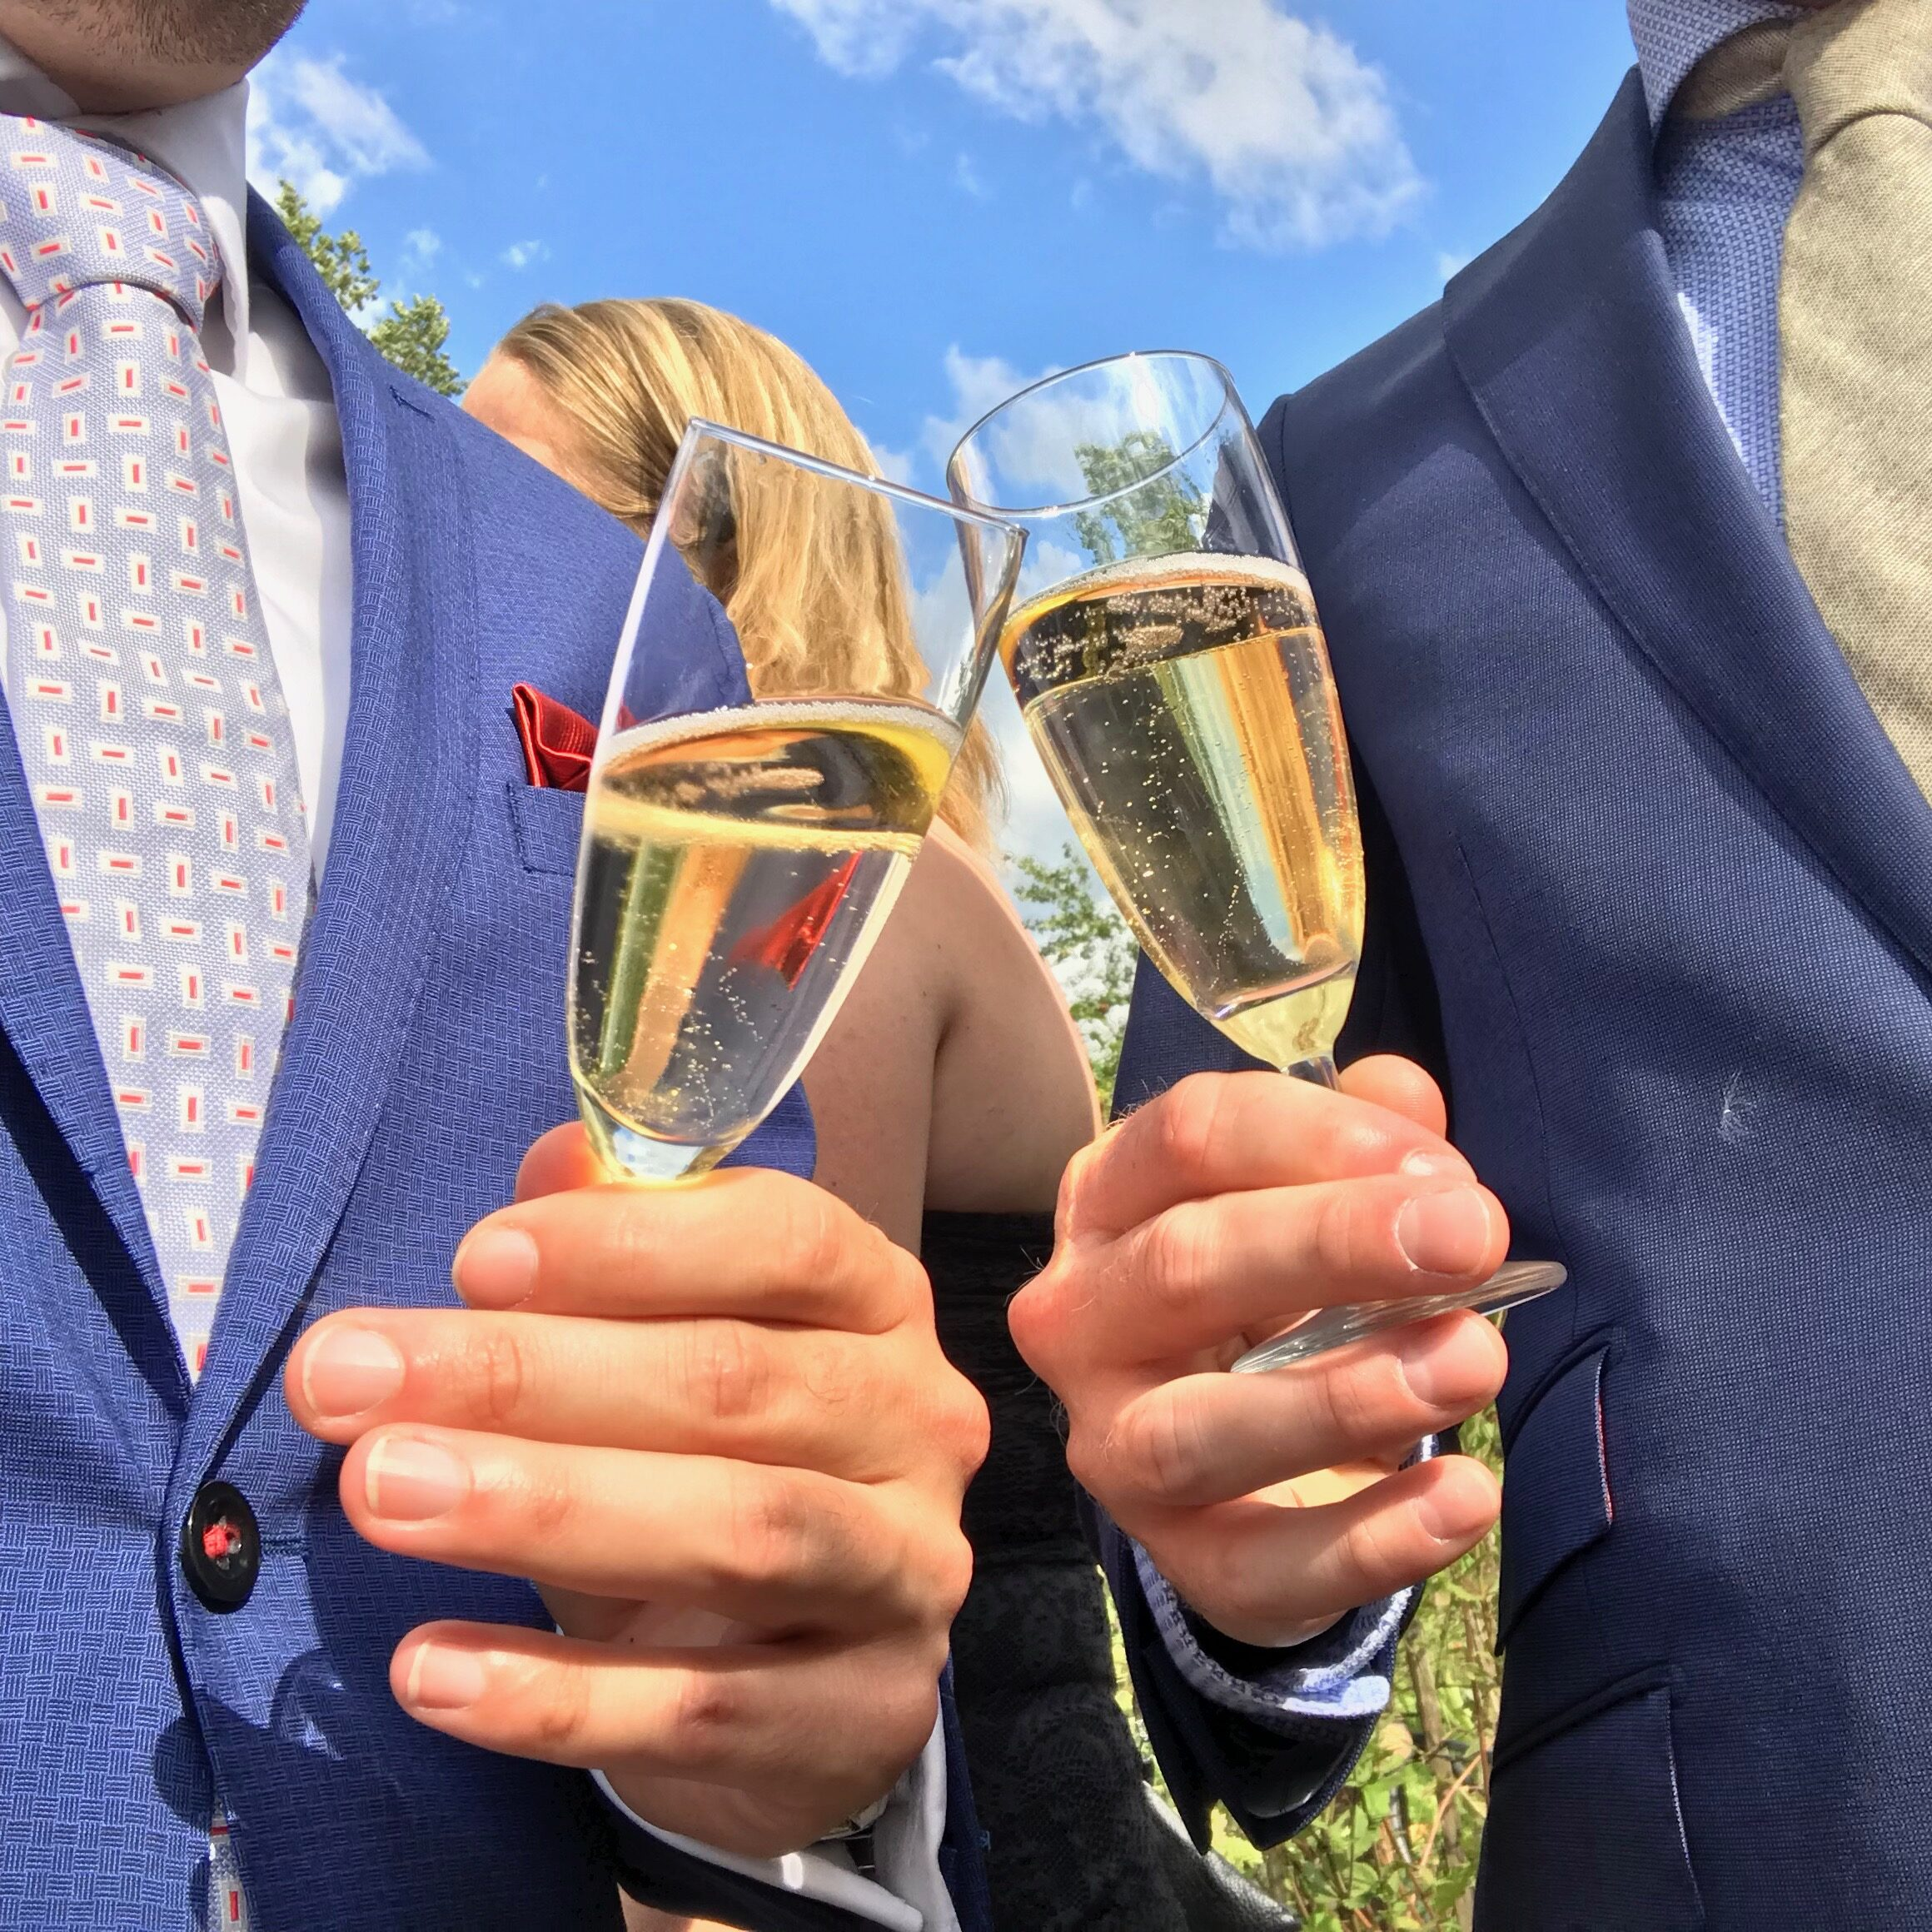 De lekkerste champagne voor jouw bruiloft